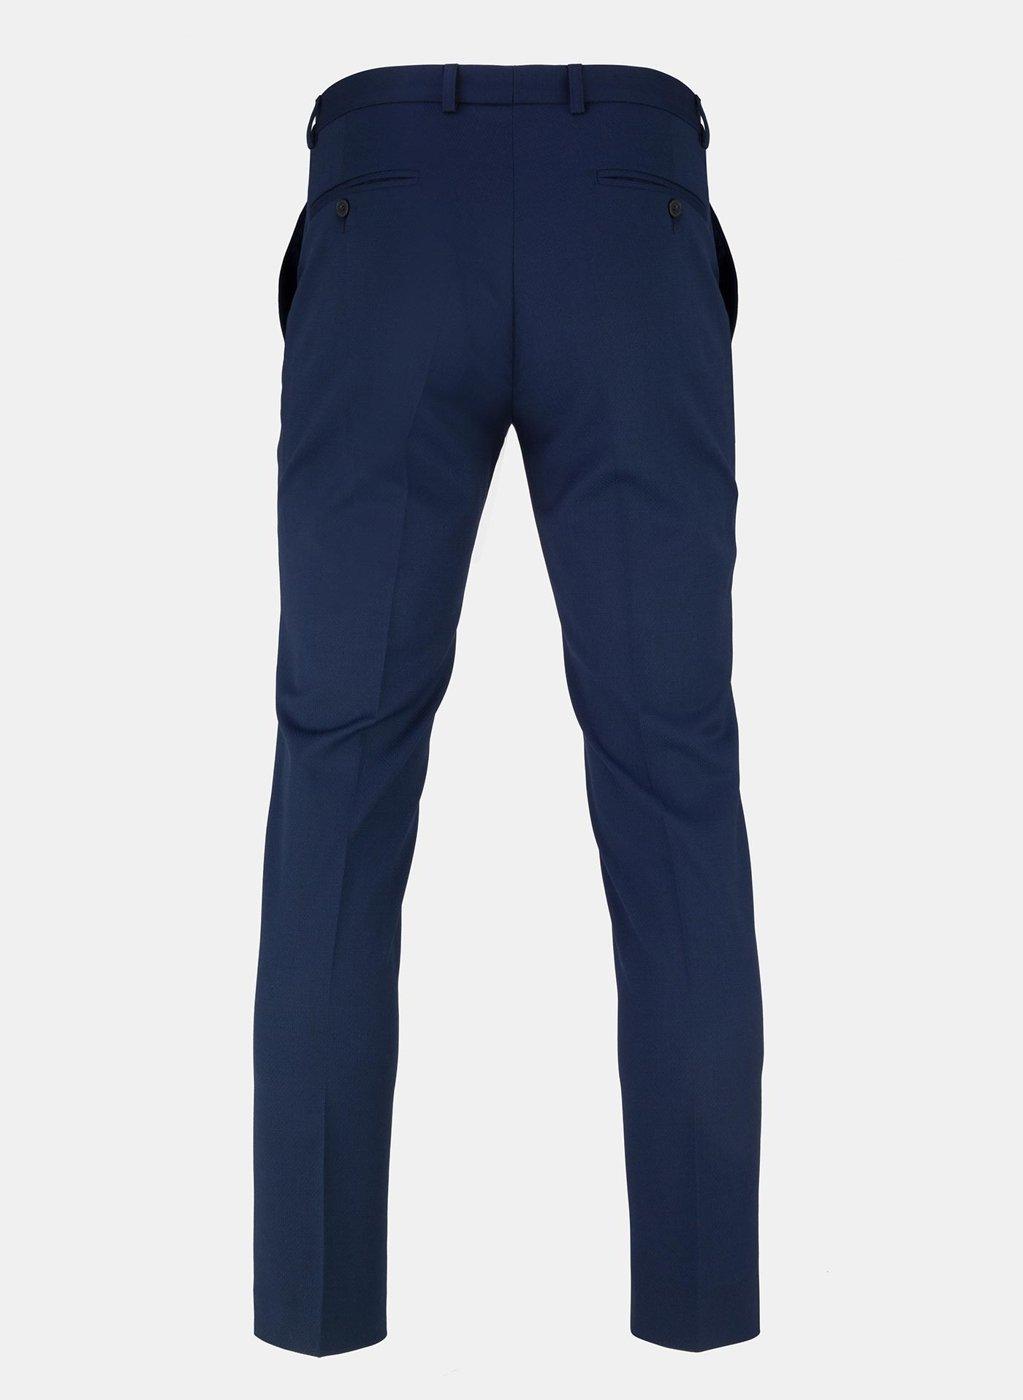 Spodnie męskie garniturowe DARYON PLM-6G-202-G